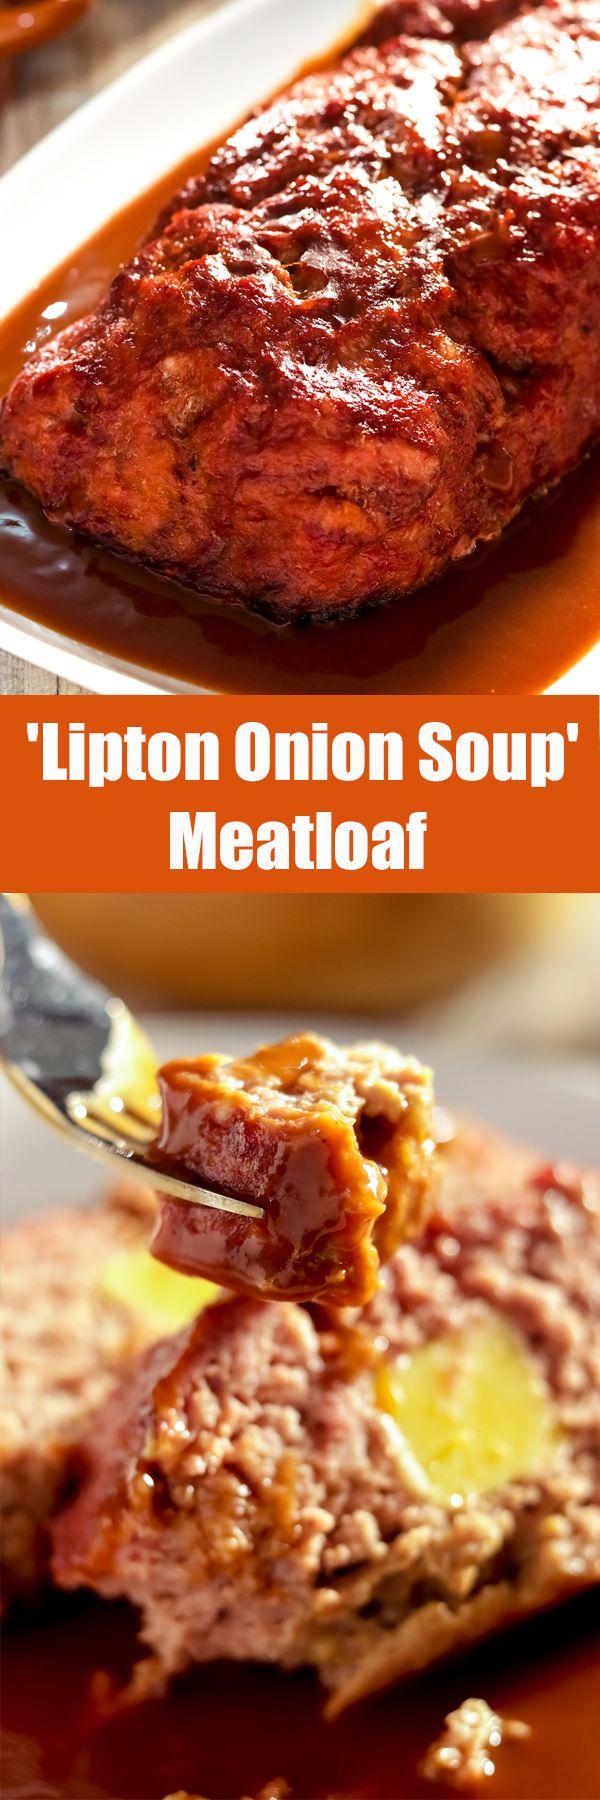 Old School 'Lipton Onion Soup' Meatloaf is a favorite recipe.